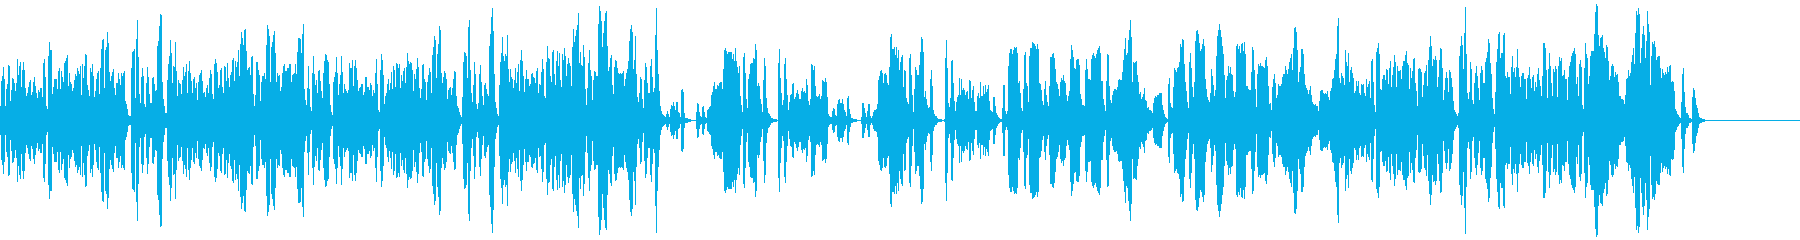 せわしないリコーダー曲の再生済みの波形